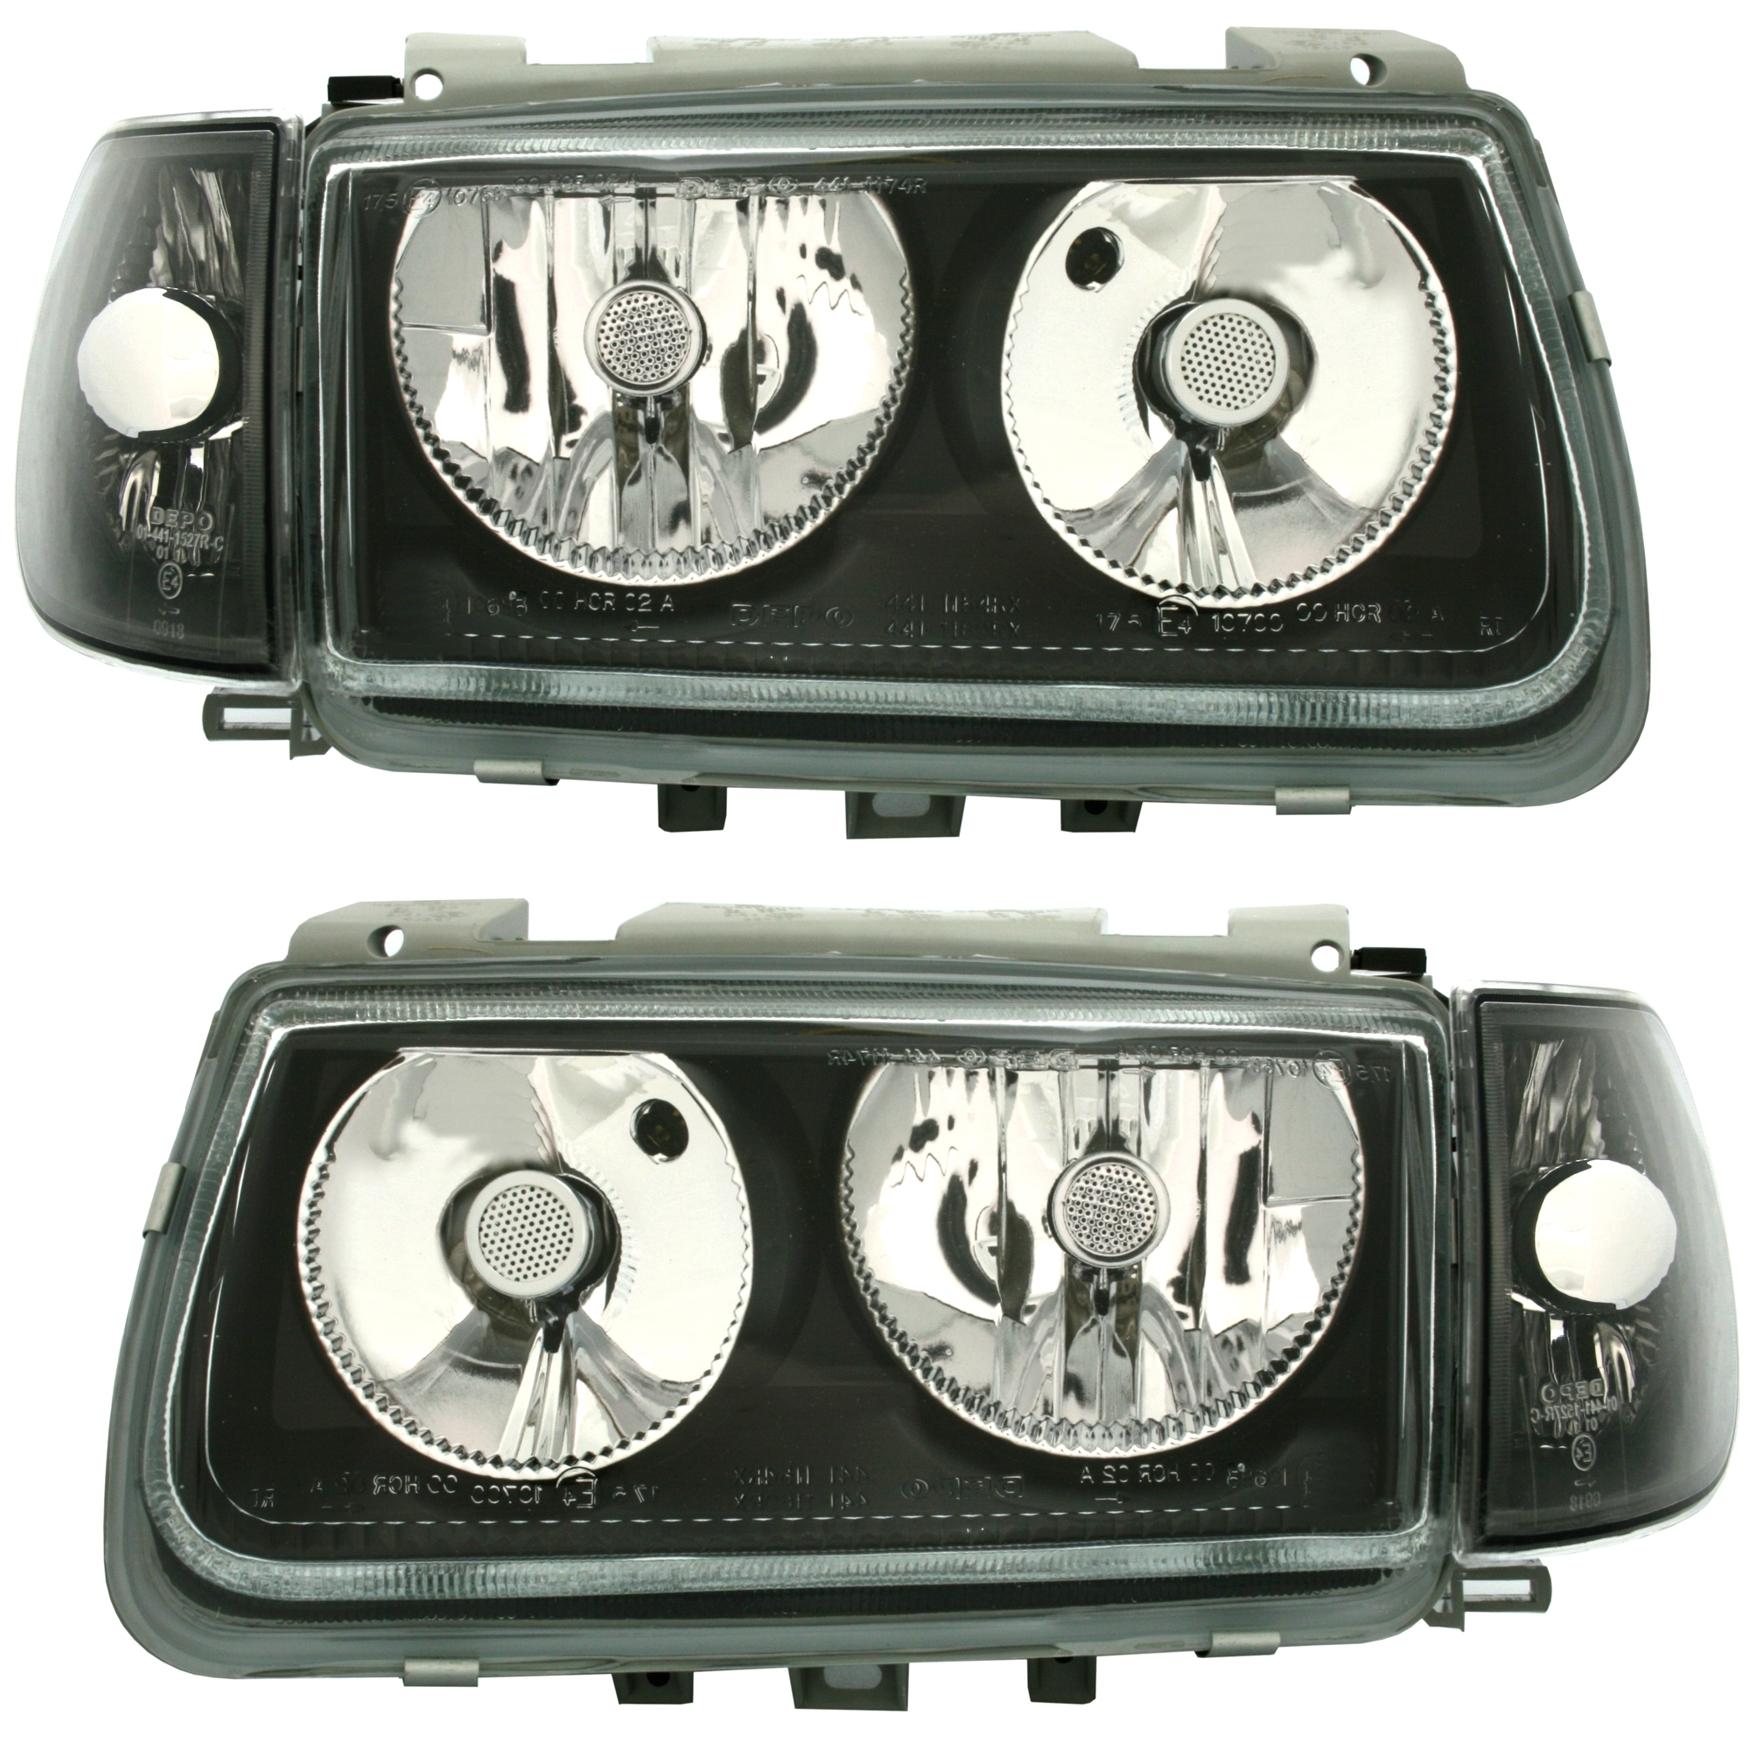 vw polo 6n 94 99 scheinwerfer blinker set schwarz. Black Bedroom Furniture Sets. Home Design Ideas